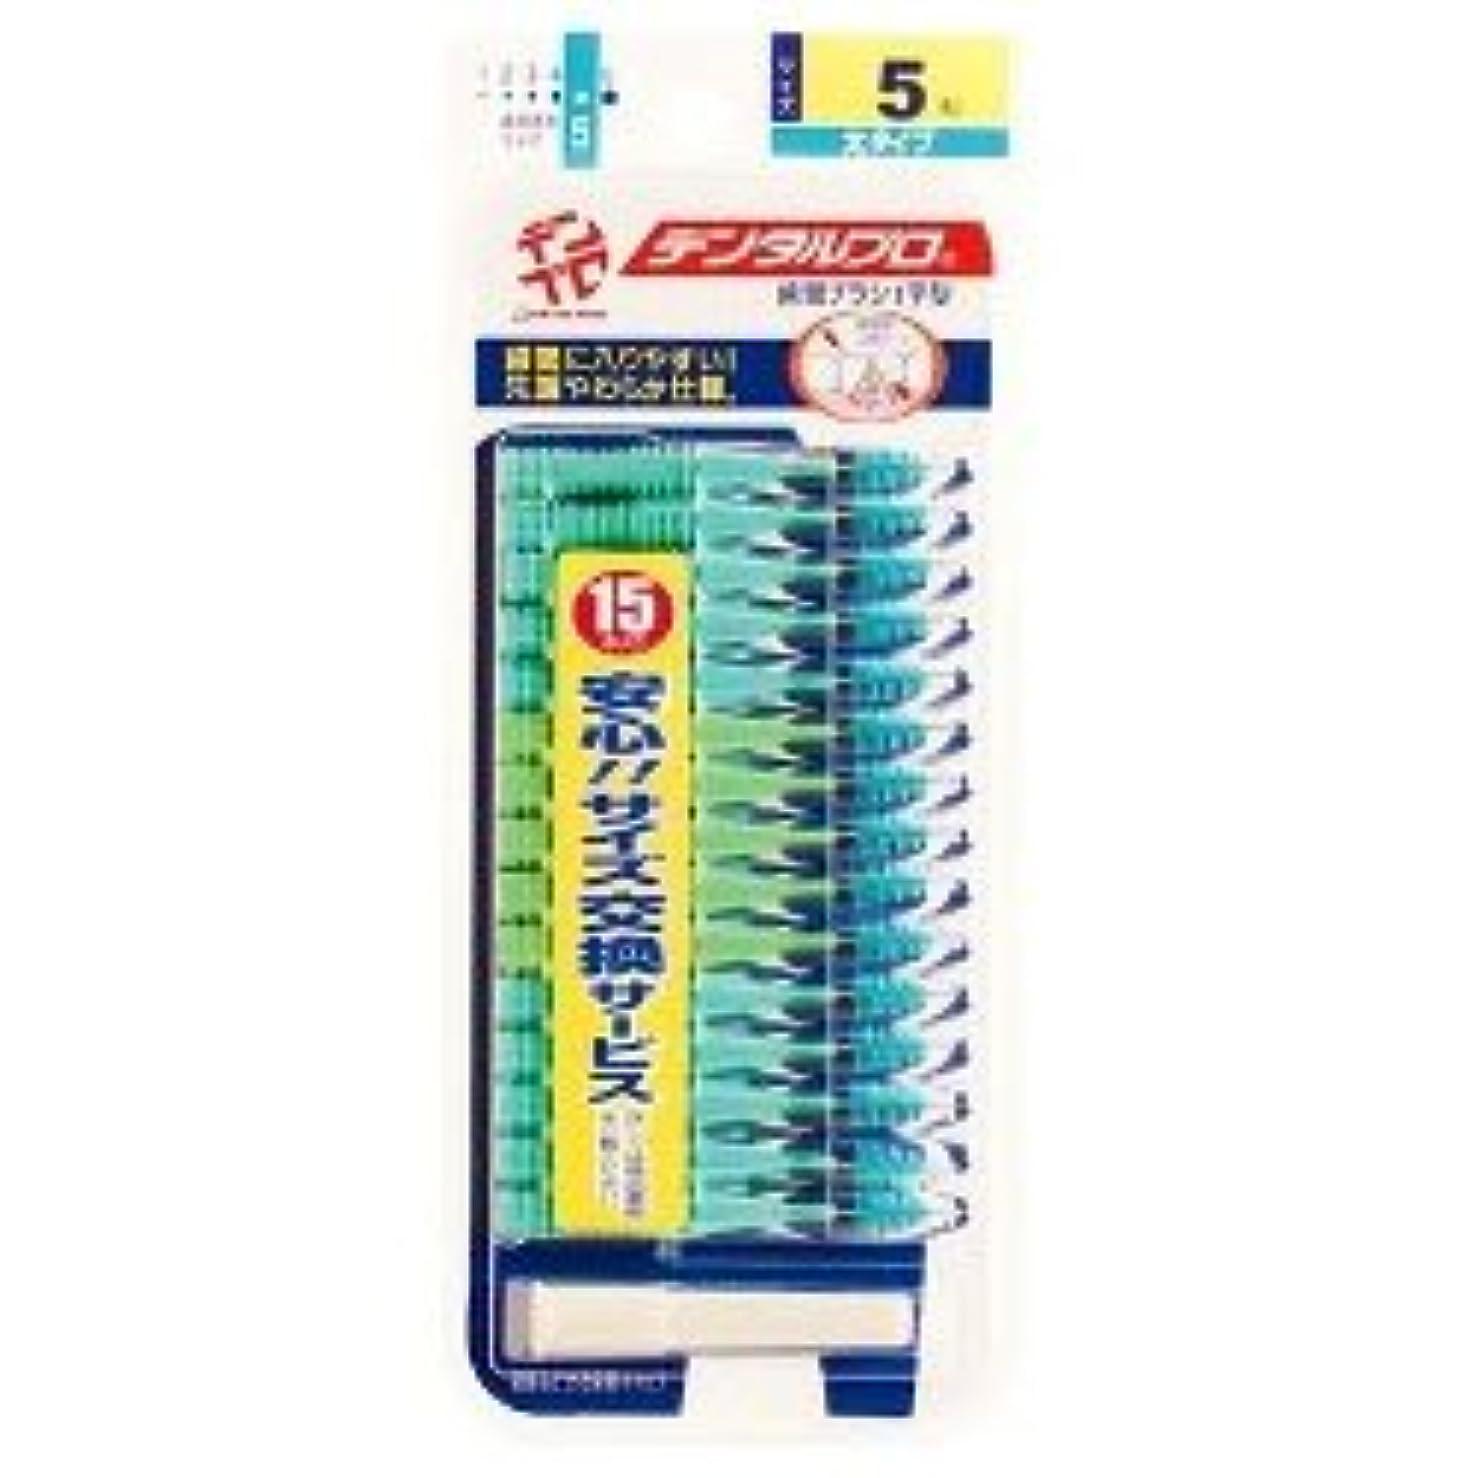 離す失礼アクセント【デンタルプロ】デンタルプロ 歯間ブラシ サイズ5-L 15本入 ×10個セット